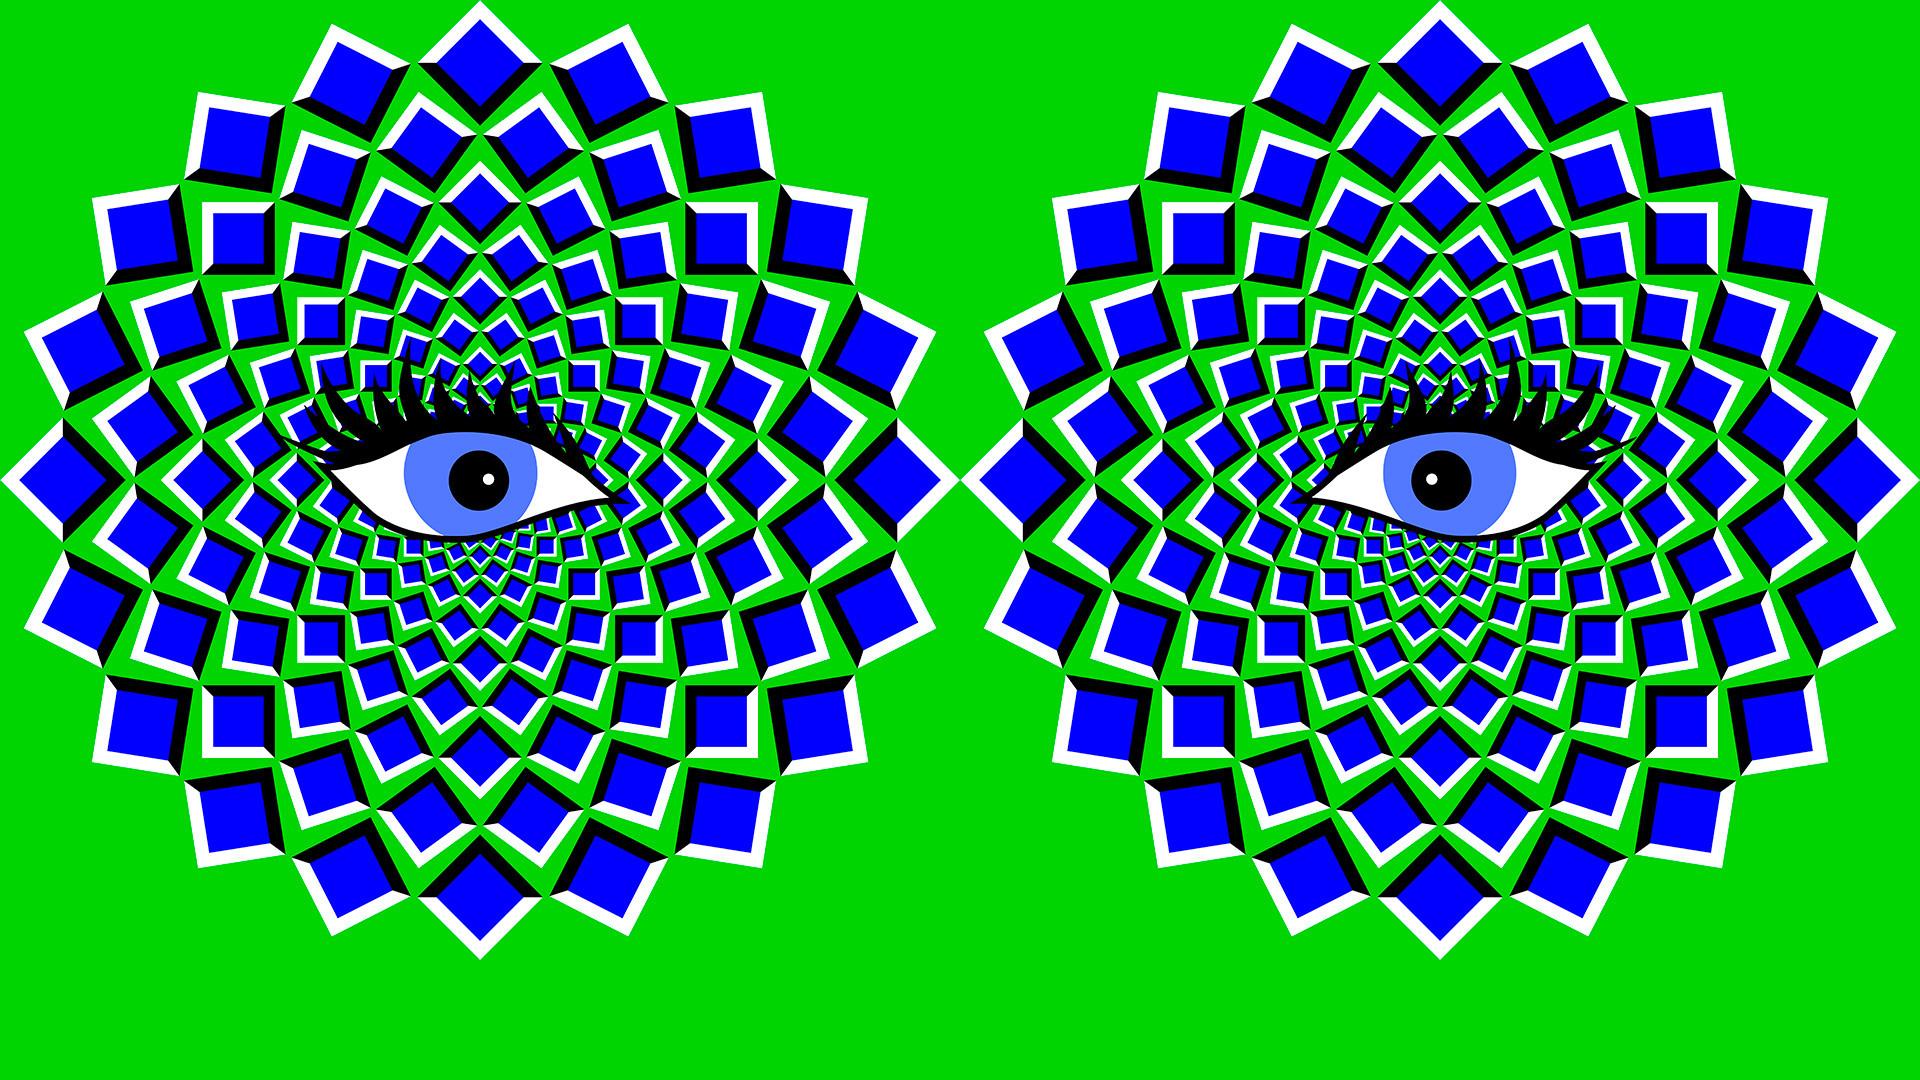 Zehn Optische Täuschungen Die Ihren Kopf Zum Rauchen Bringen